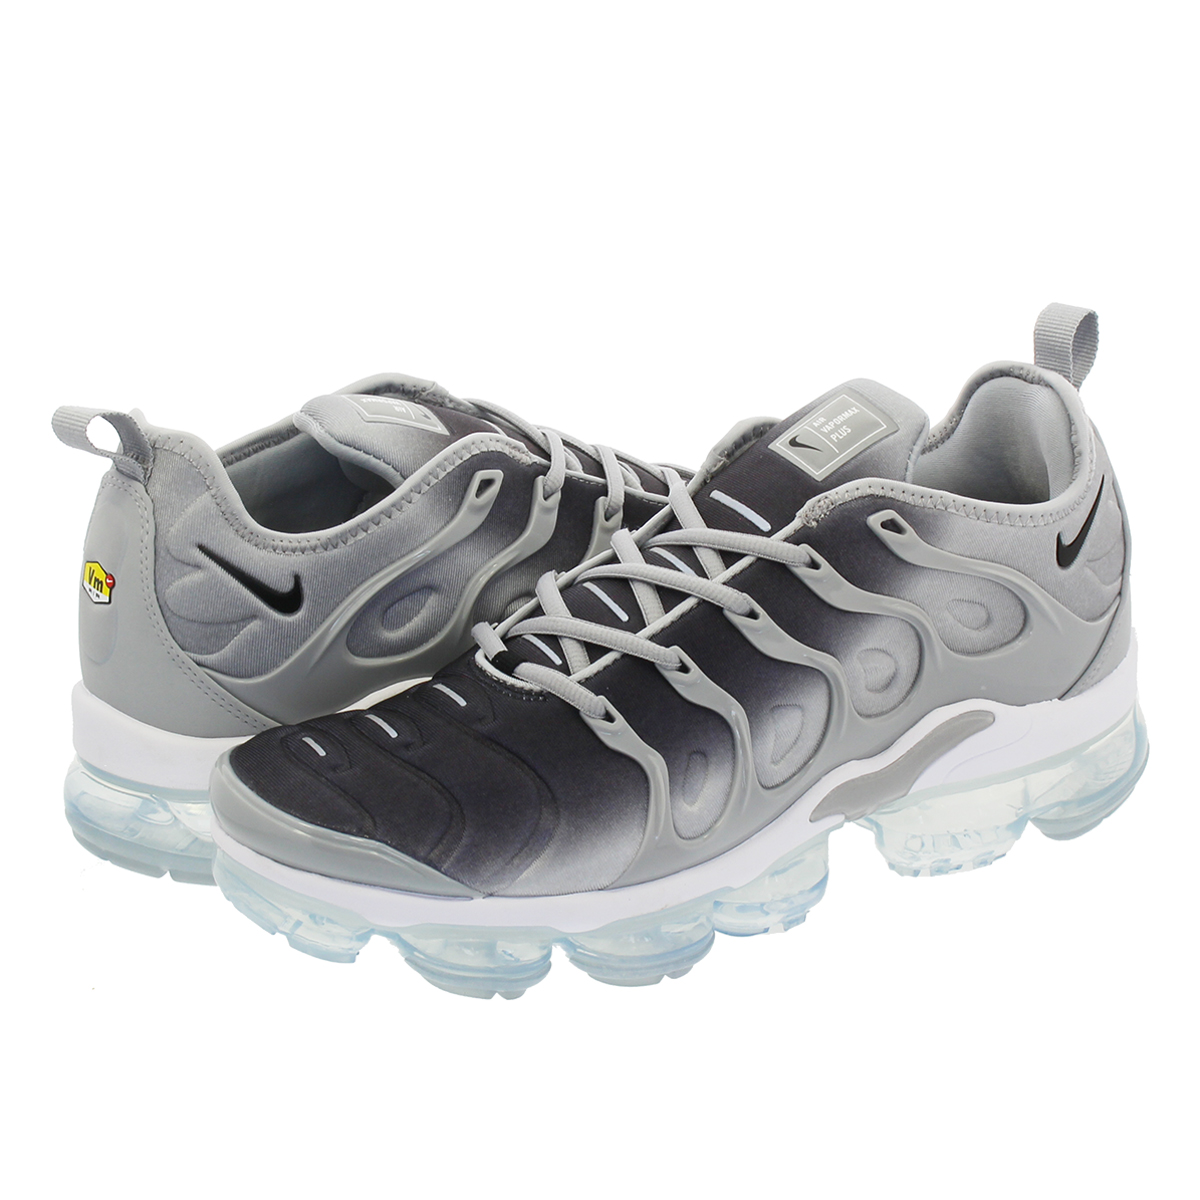 Nike Herr Black Zoom Train Praktiskt Complete Training